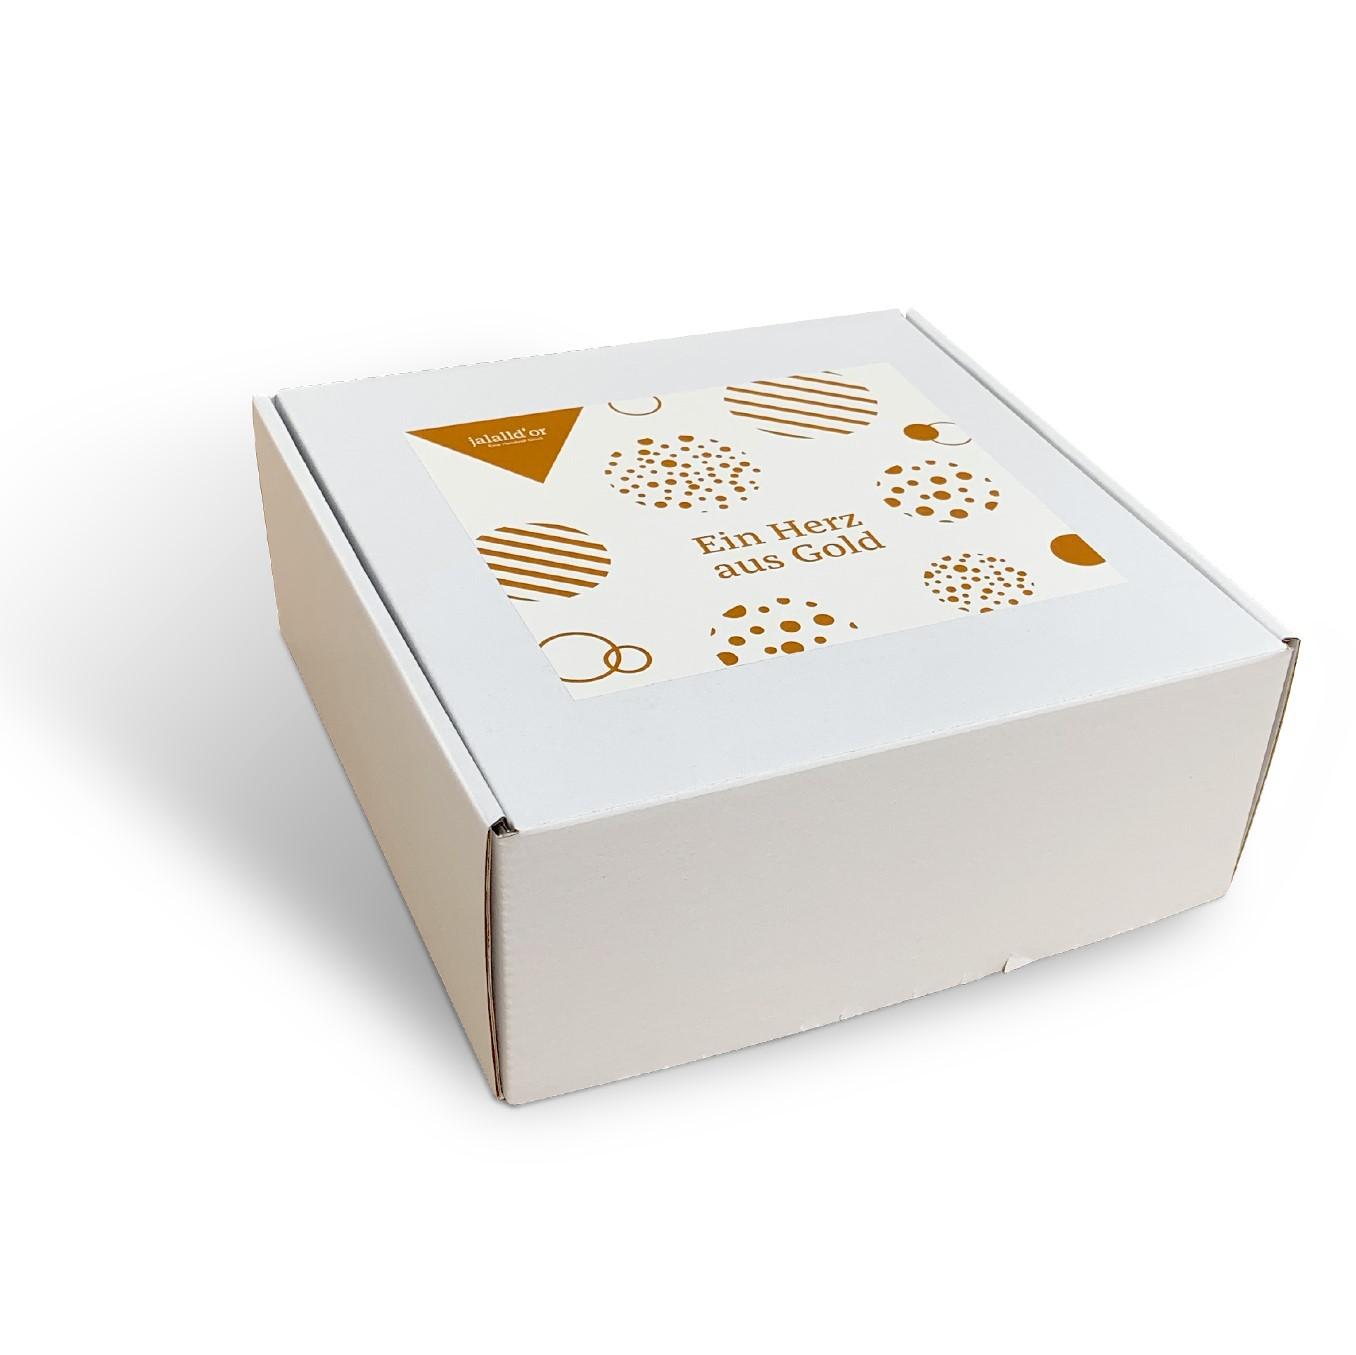 Box-EinHerzausGold